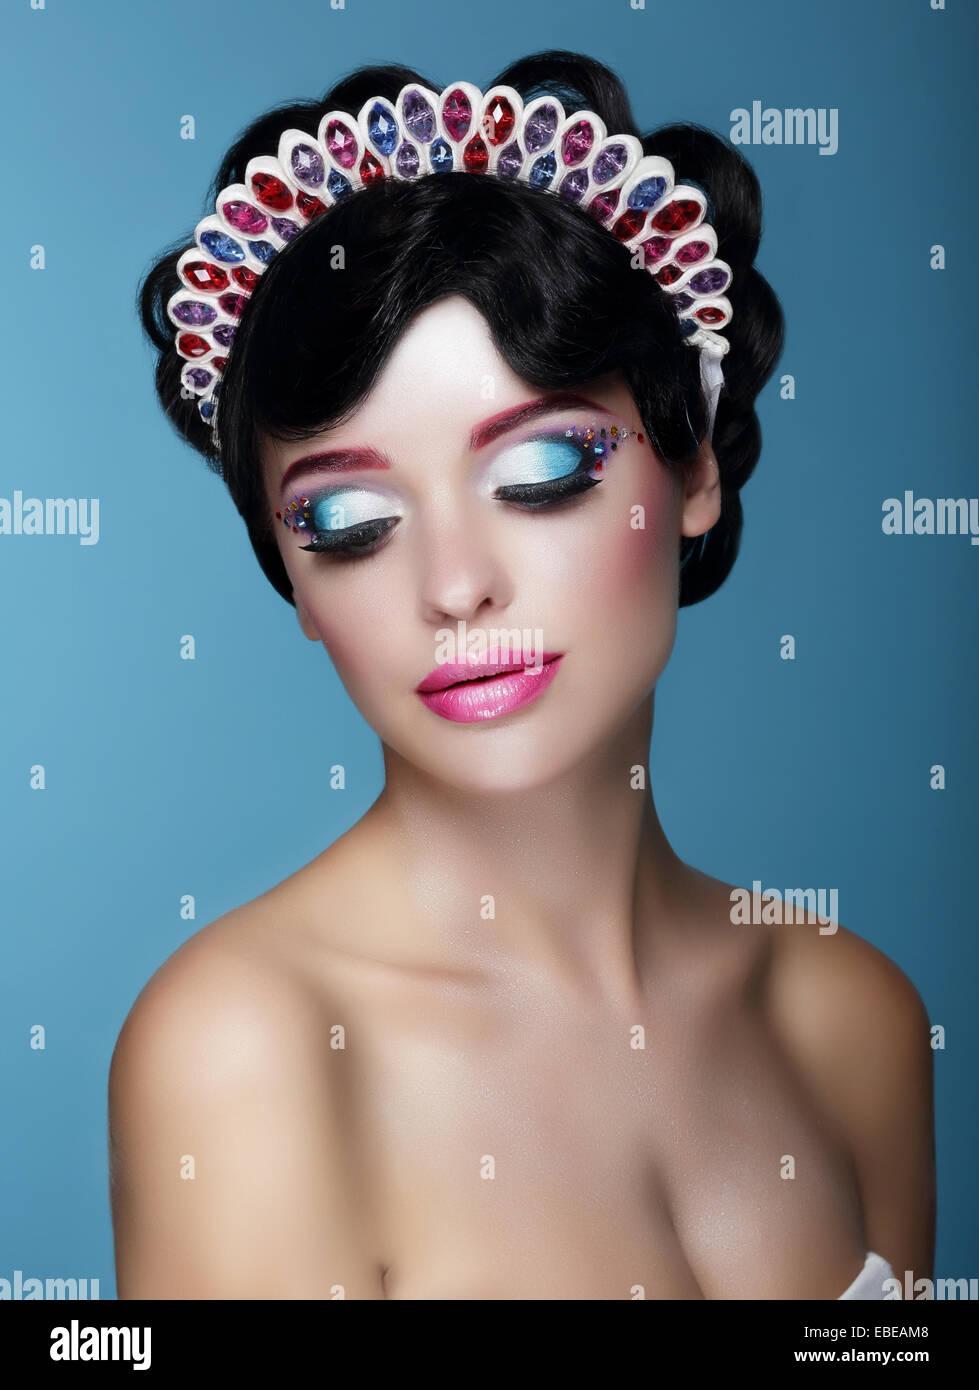 Lussuoso femmina sognante con brillante trucco e diadema d'arte Immagini Stock